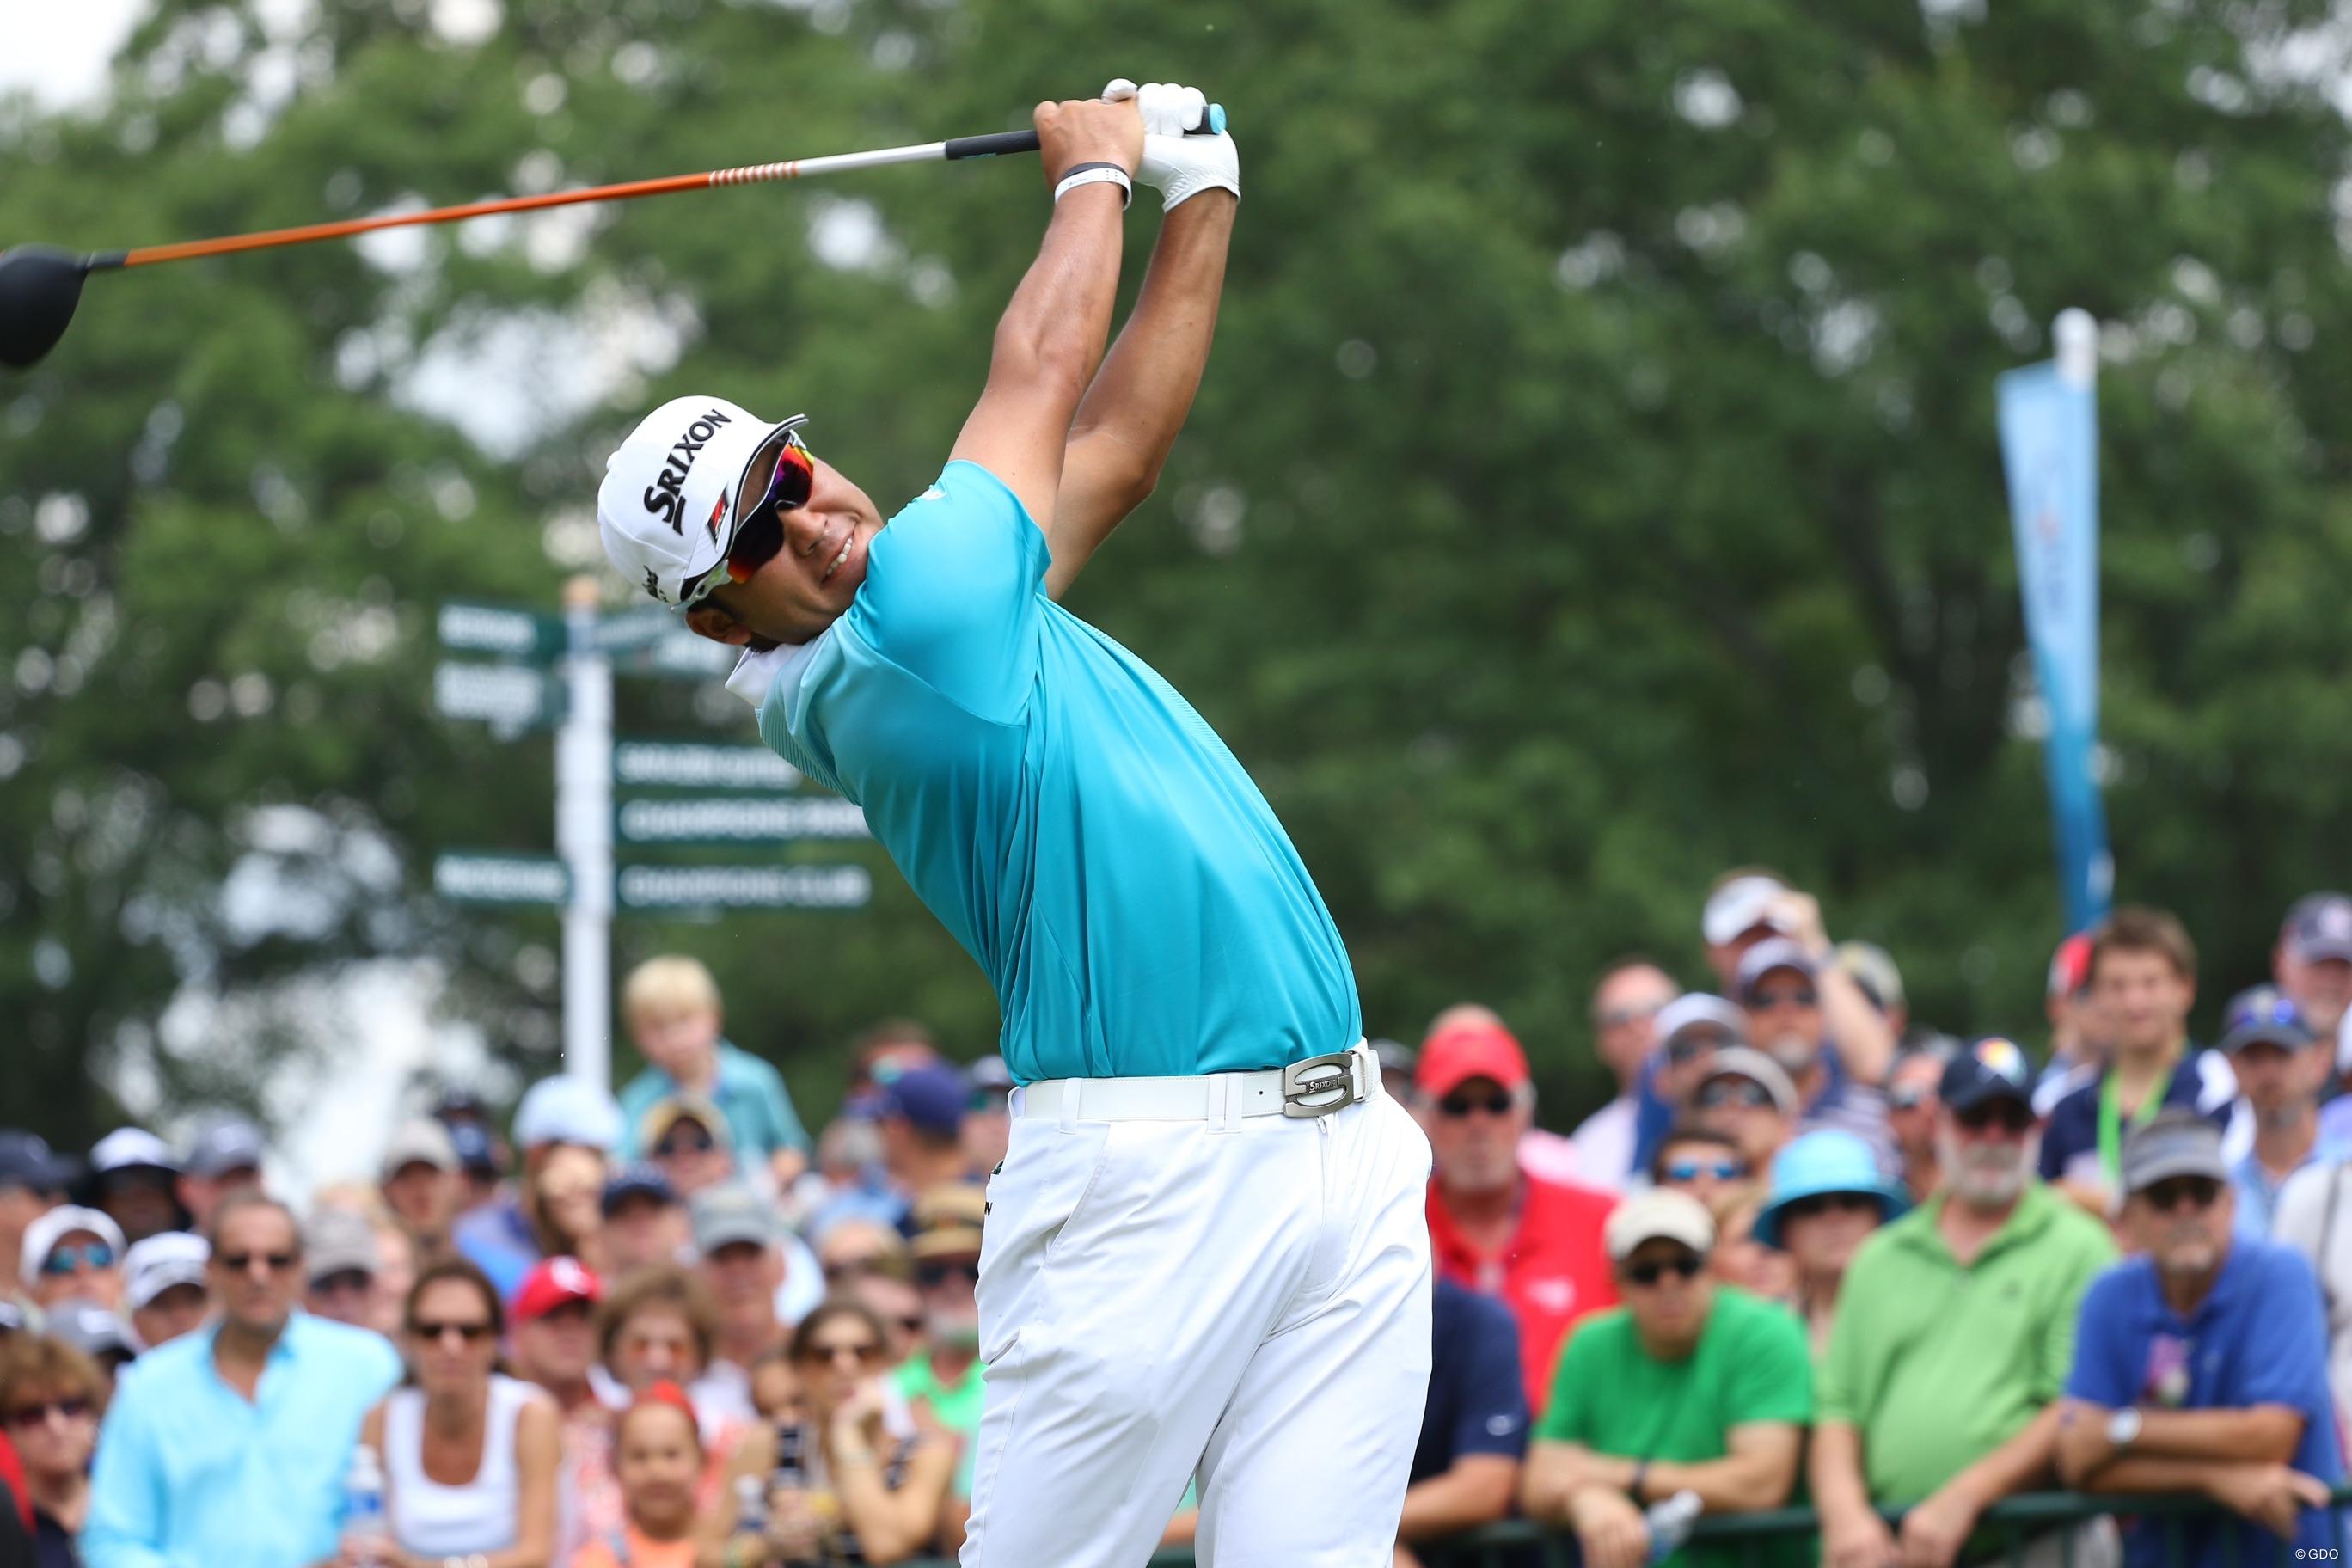 米国 男子 ゴルフ 米国男子速報 - 2021年 バレロ・テキサス・オープン